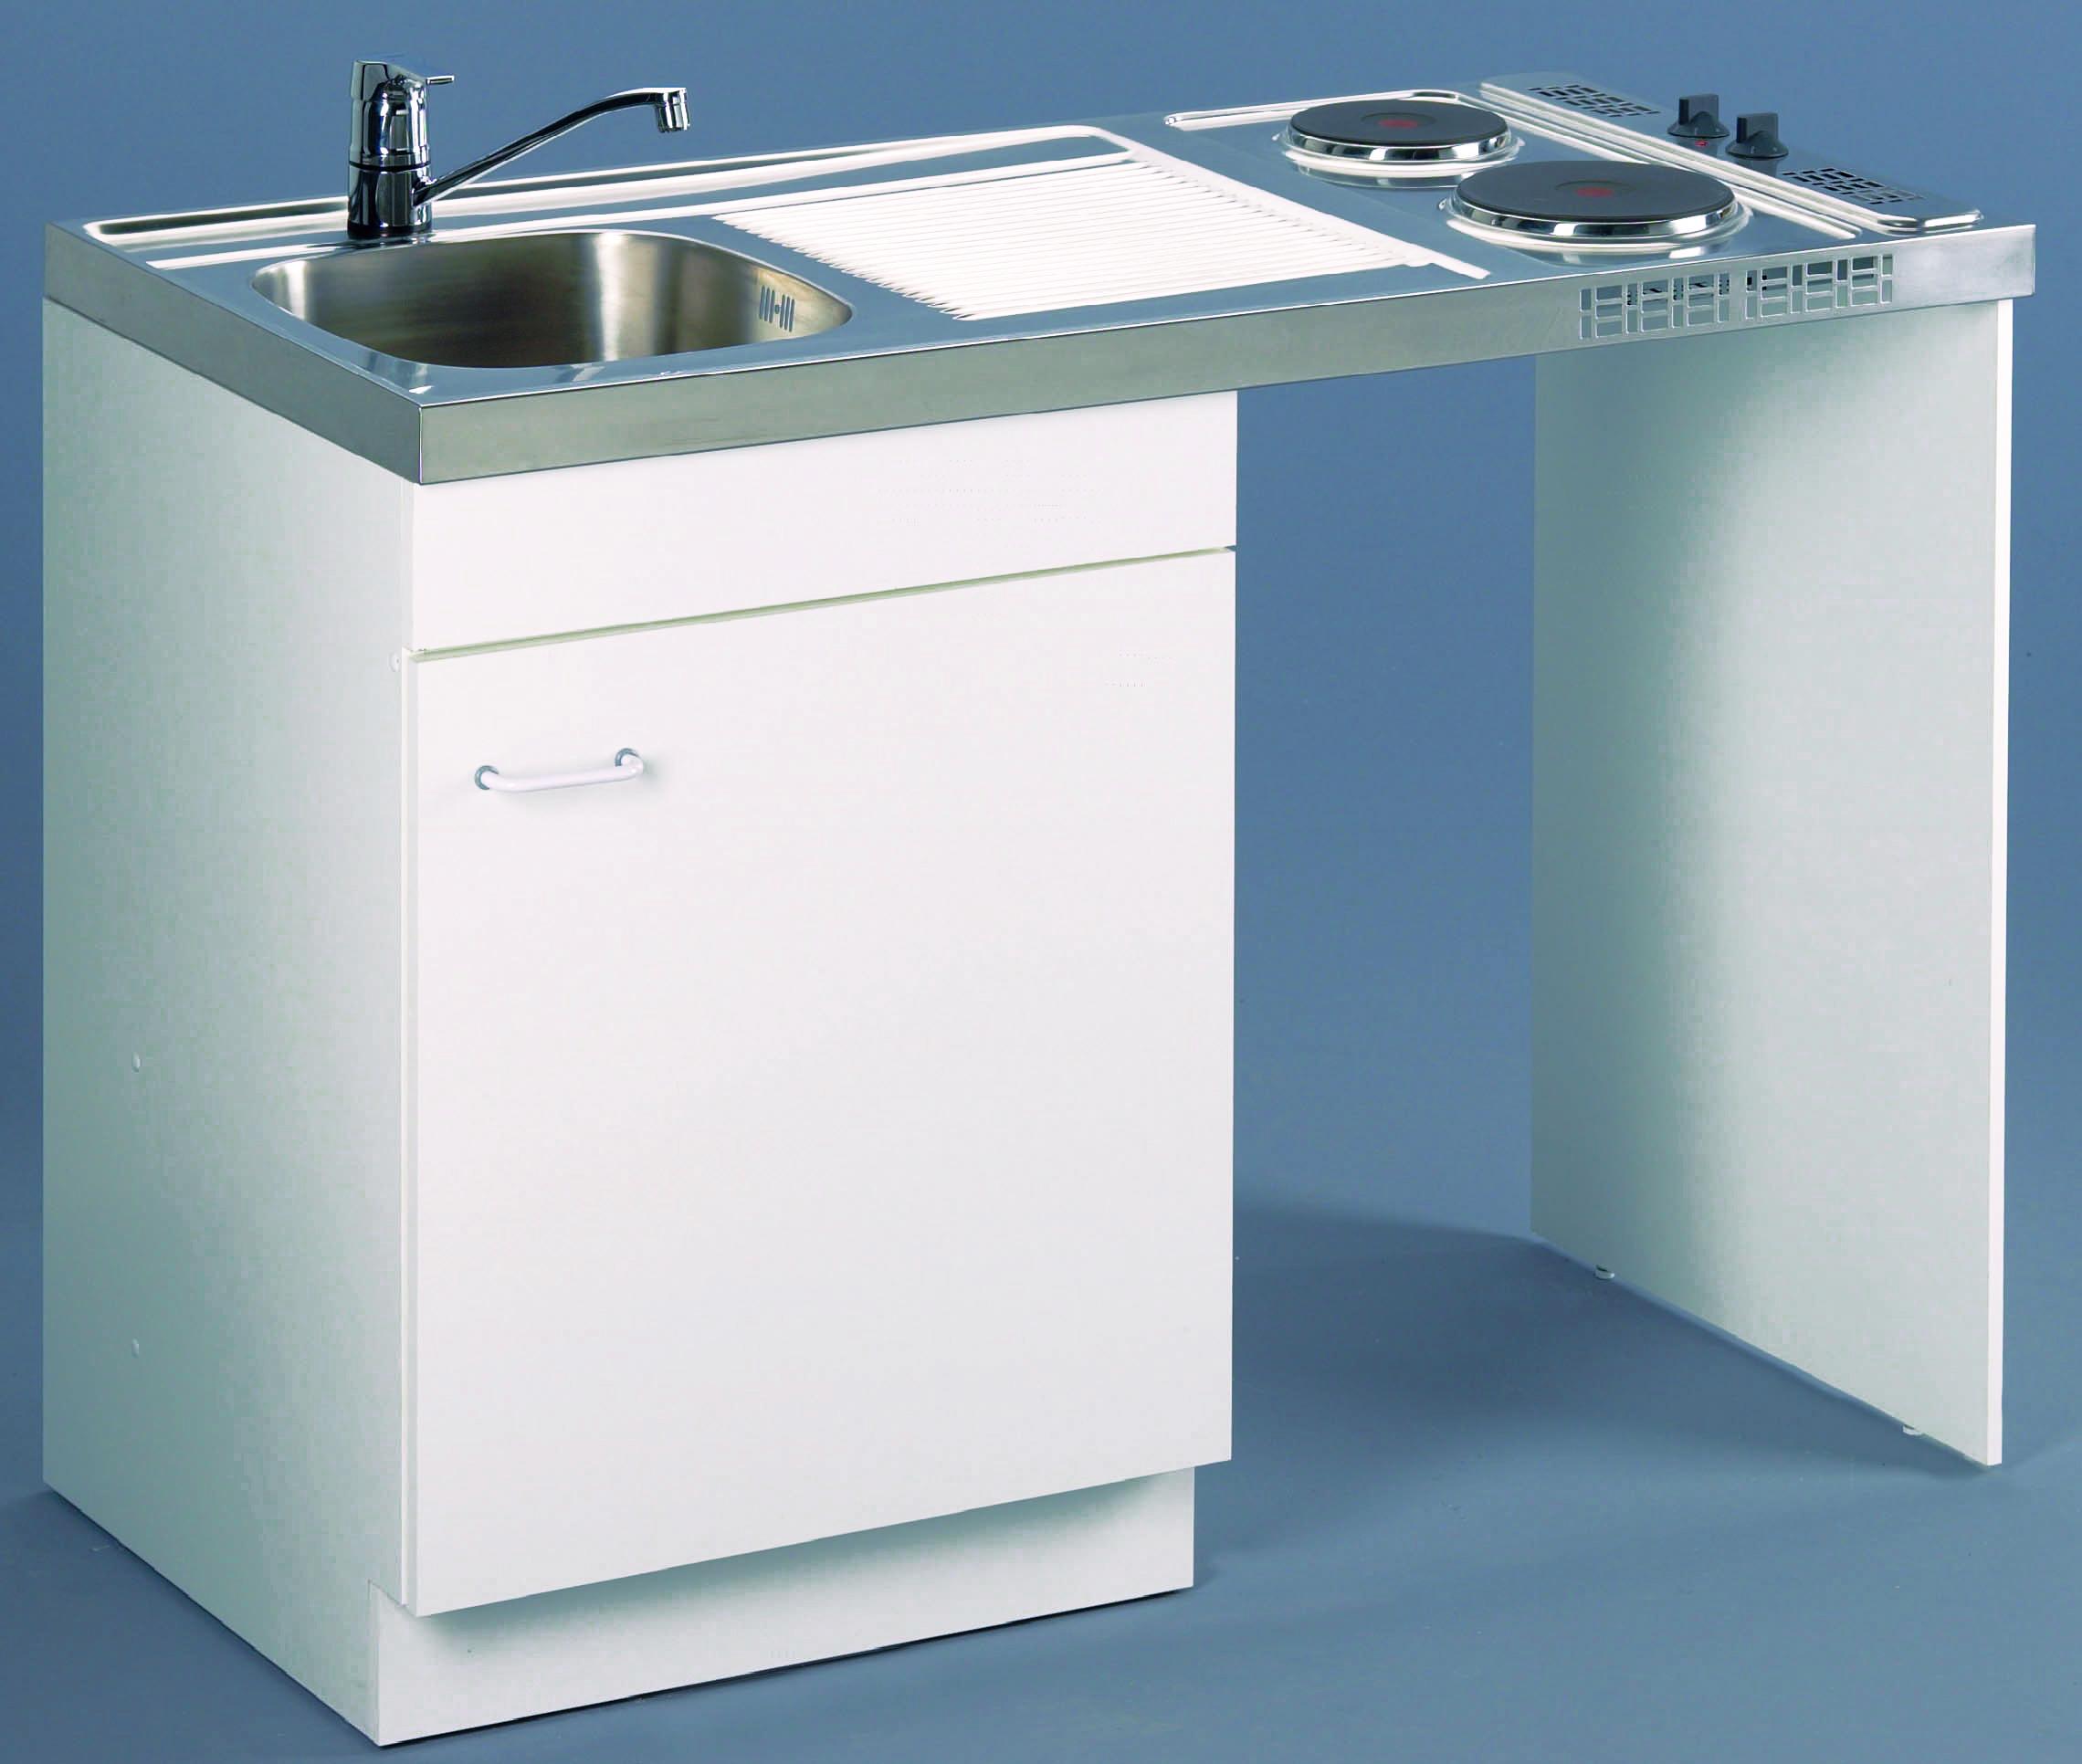 meuble de cuisine sous vier maison et mobilier d 39 int rieur. Black Bedroom Furniture Sets. Home Design Ideas